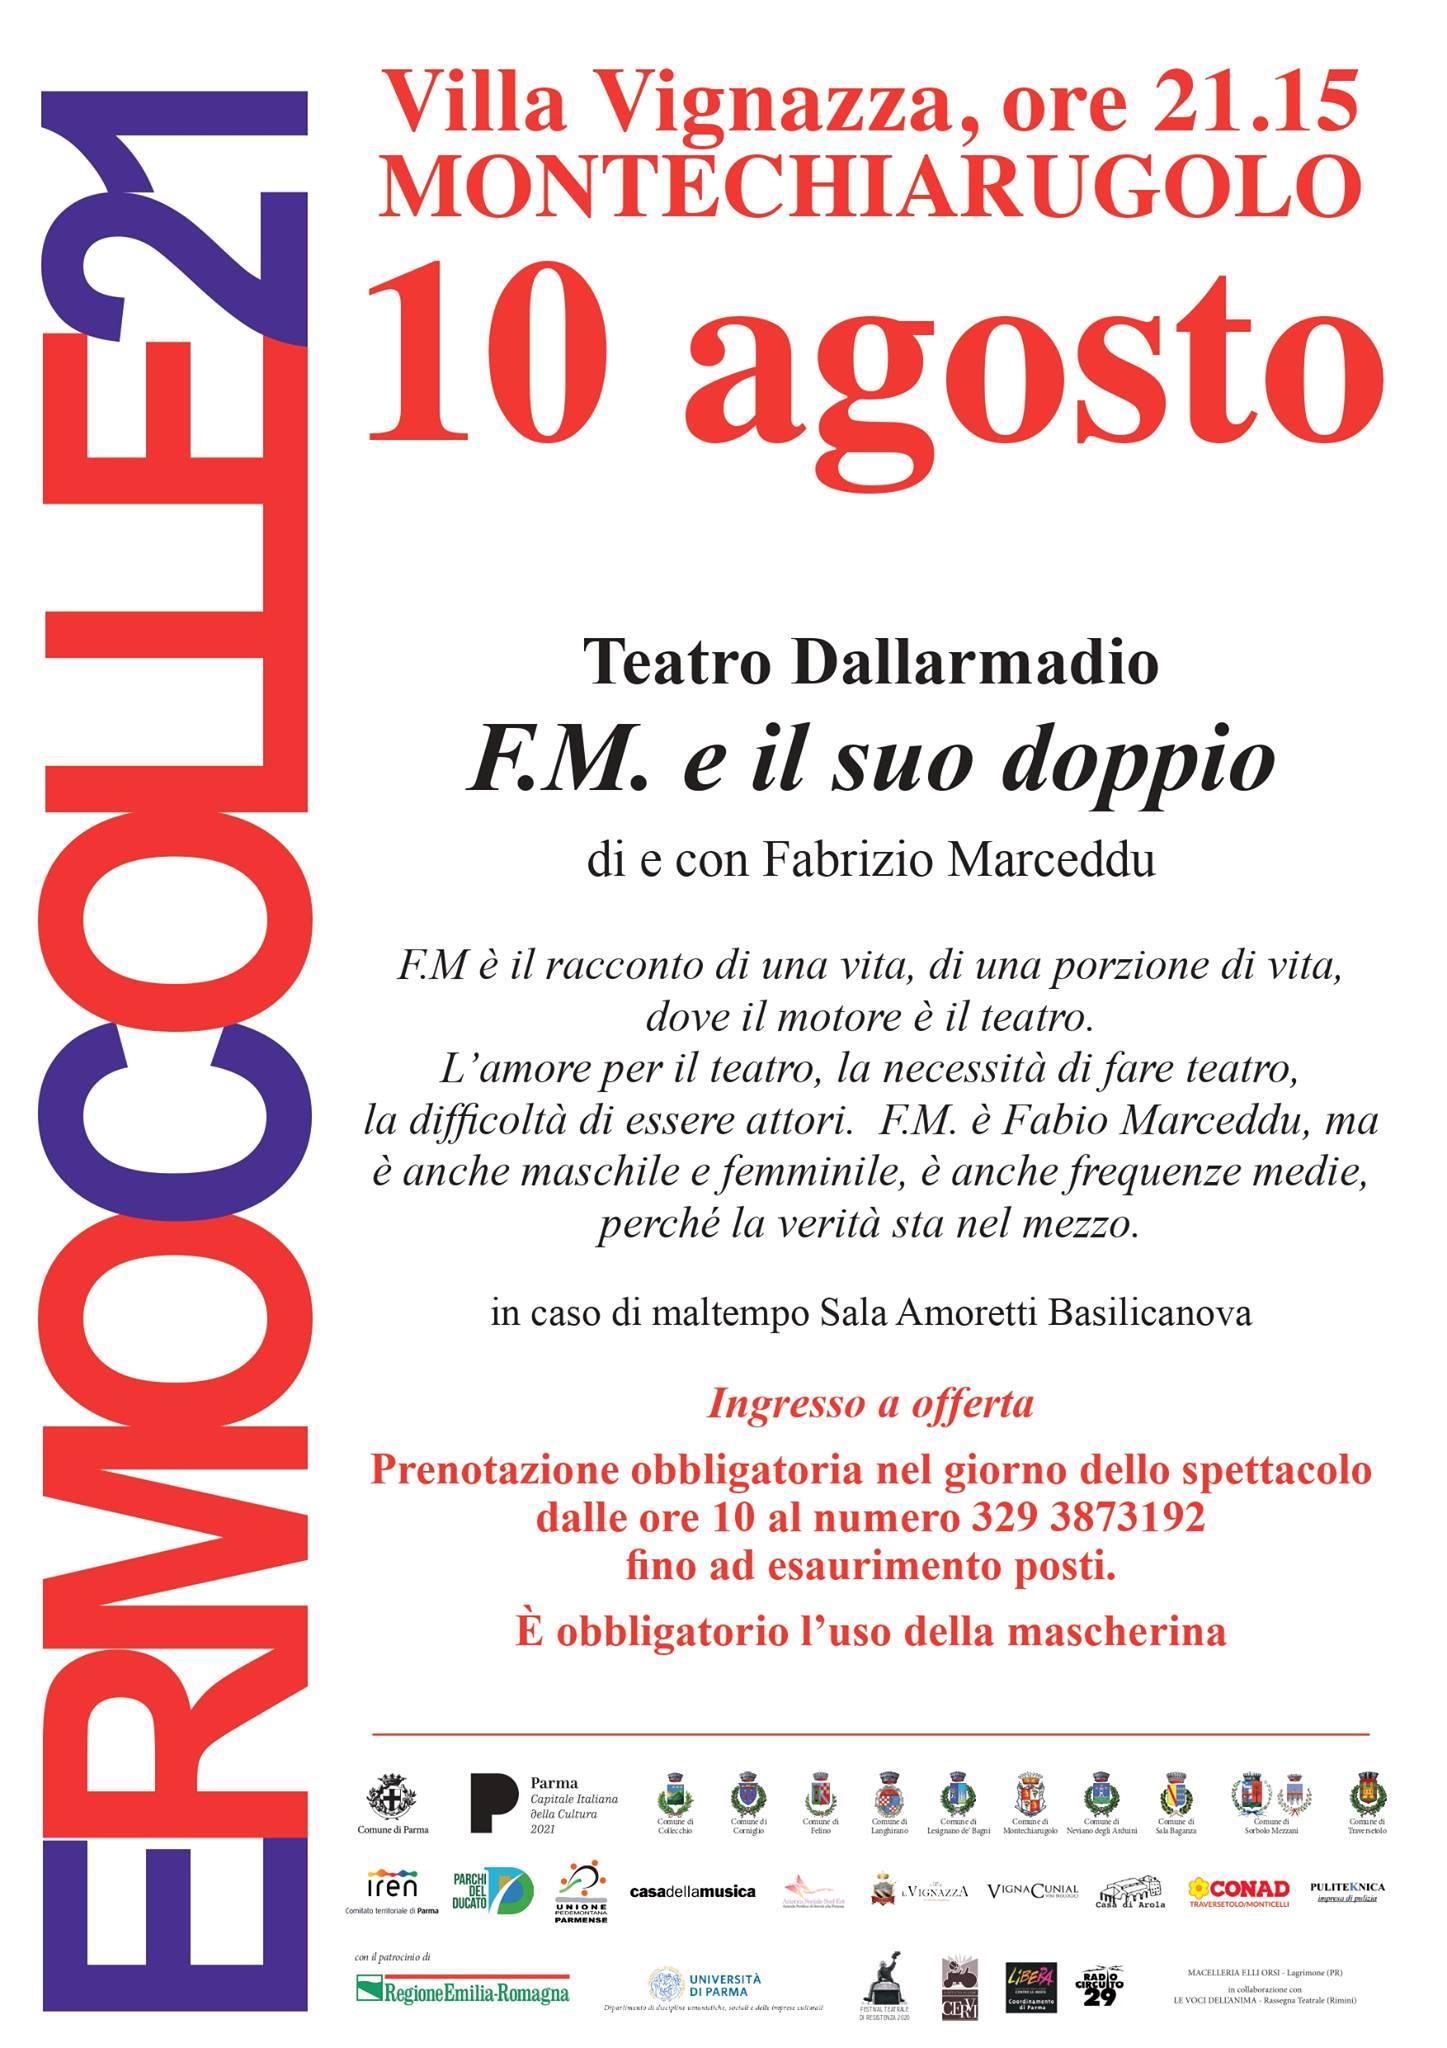 Ermo Colle villa La Vignazzadi Montechiarugolo 2021